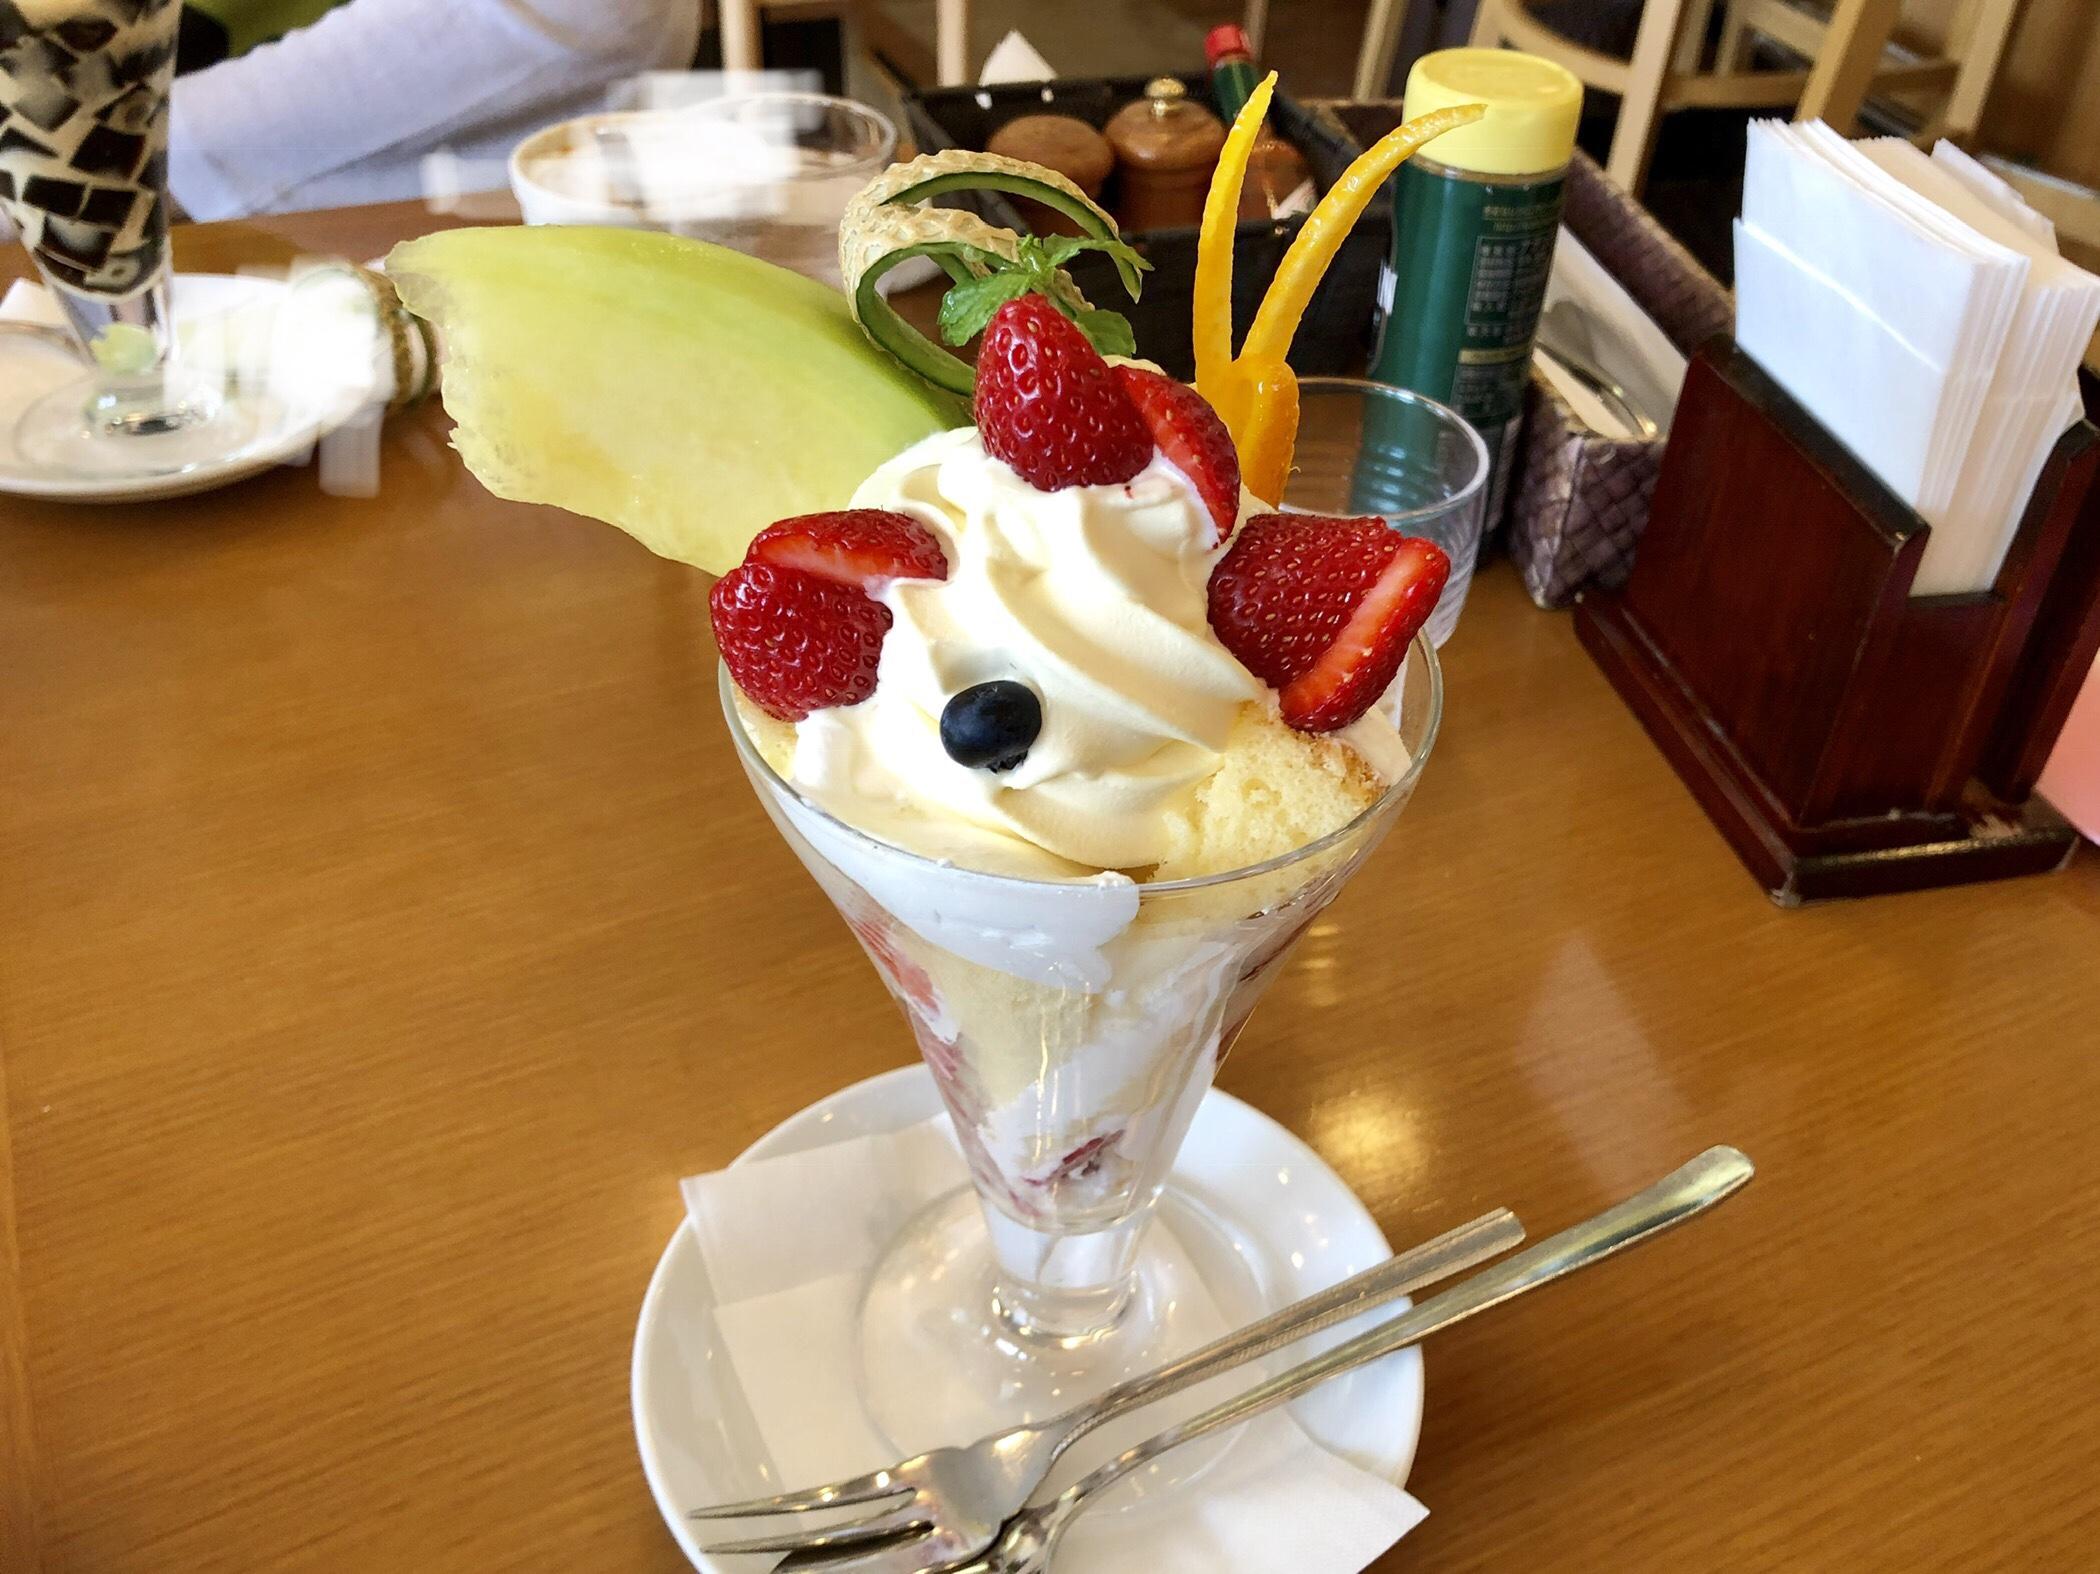 金沢市武蔵のフルーツむらはたのパフェ